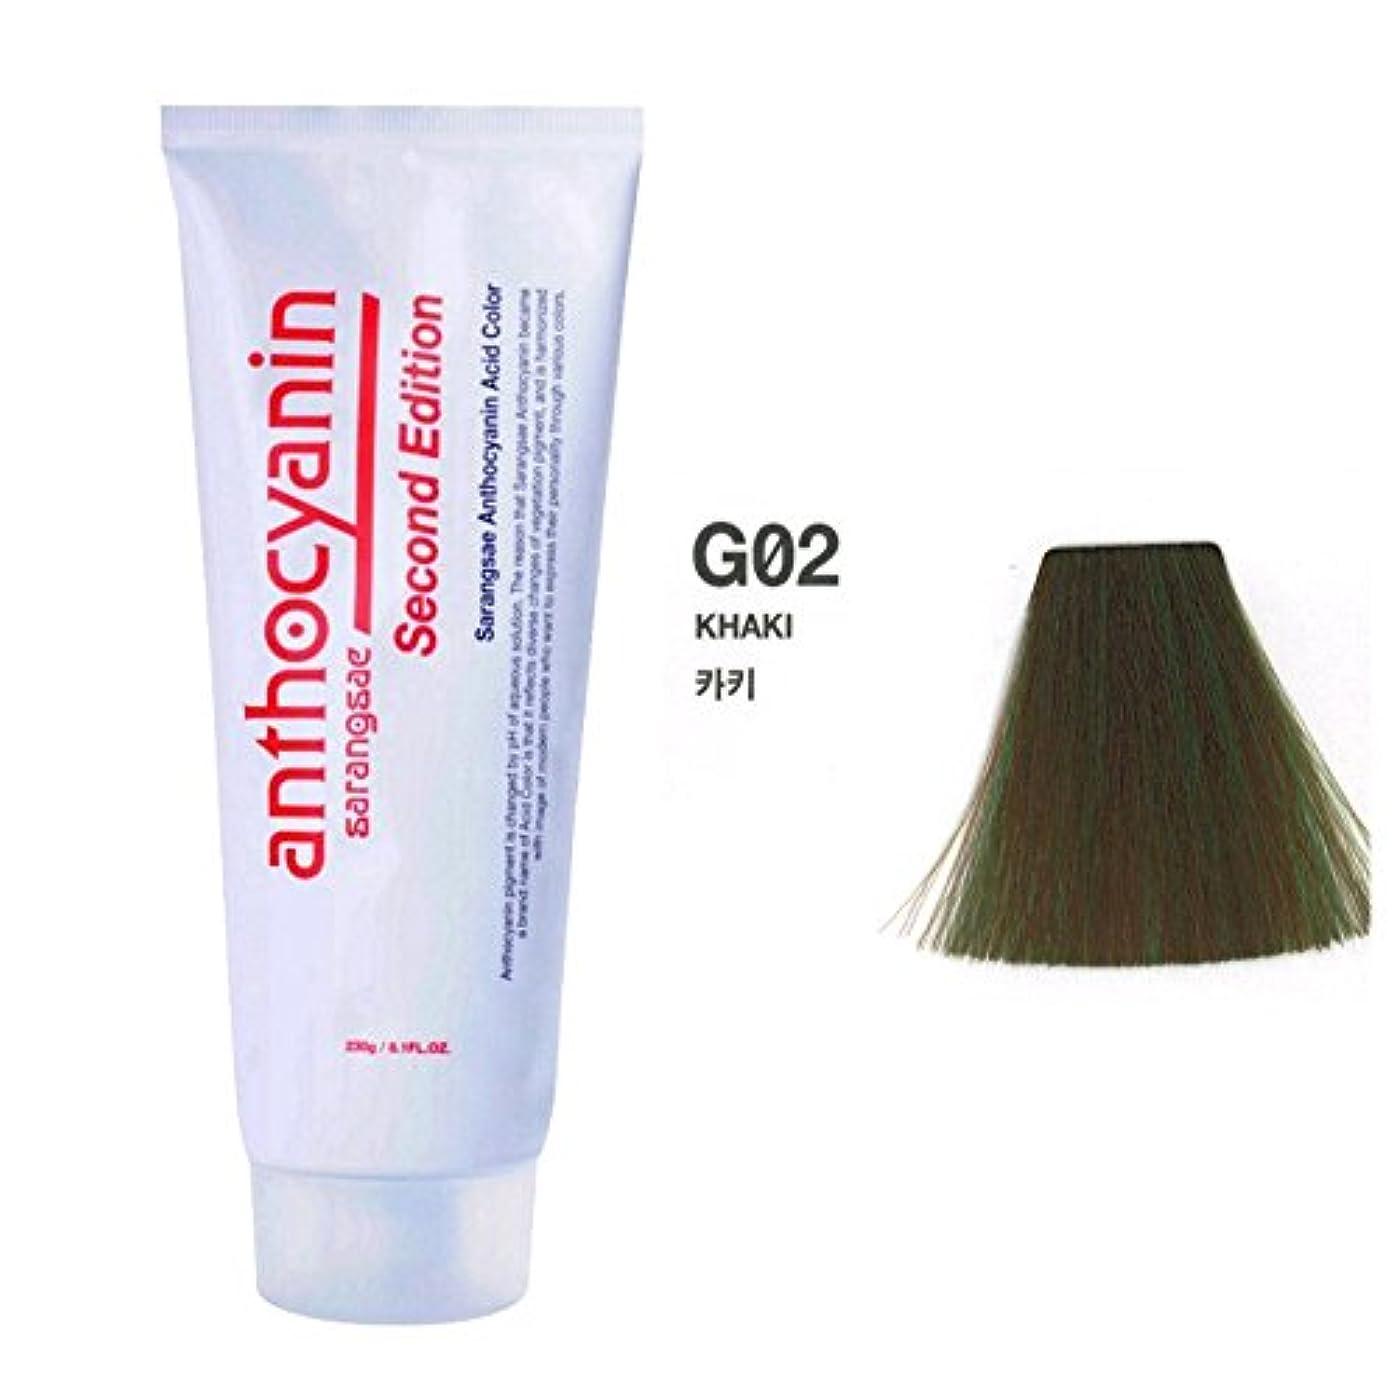 列車と闘う道に迷いましたヘア マニキュア カラー セカンド エディション 230g セミ パーマネント 染毛剤 (Hair Manicure Color Second Edition 230g Semi Permanent Hair Dye) [並行輸入品] (G02 Khaki)